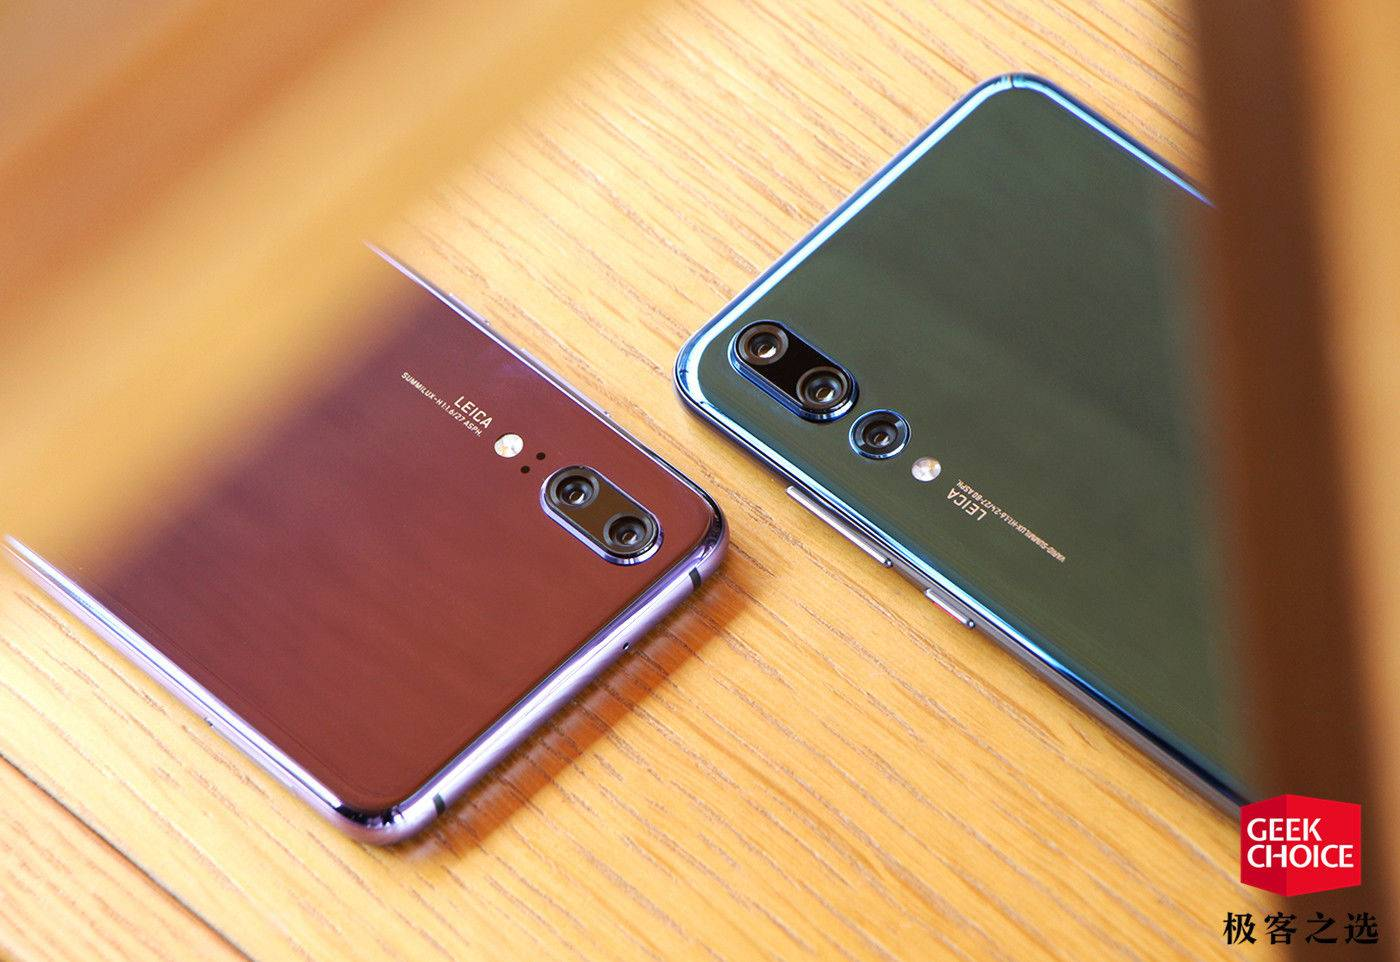 国产手机的里程碑,华为 P20/P20 Pro 上手评测